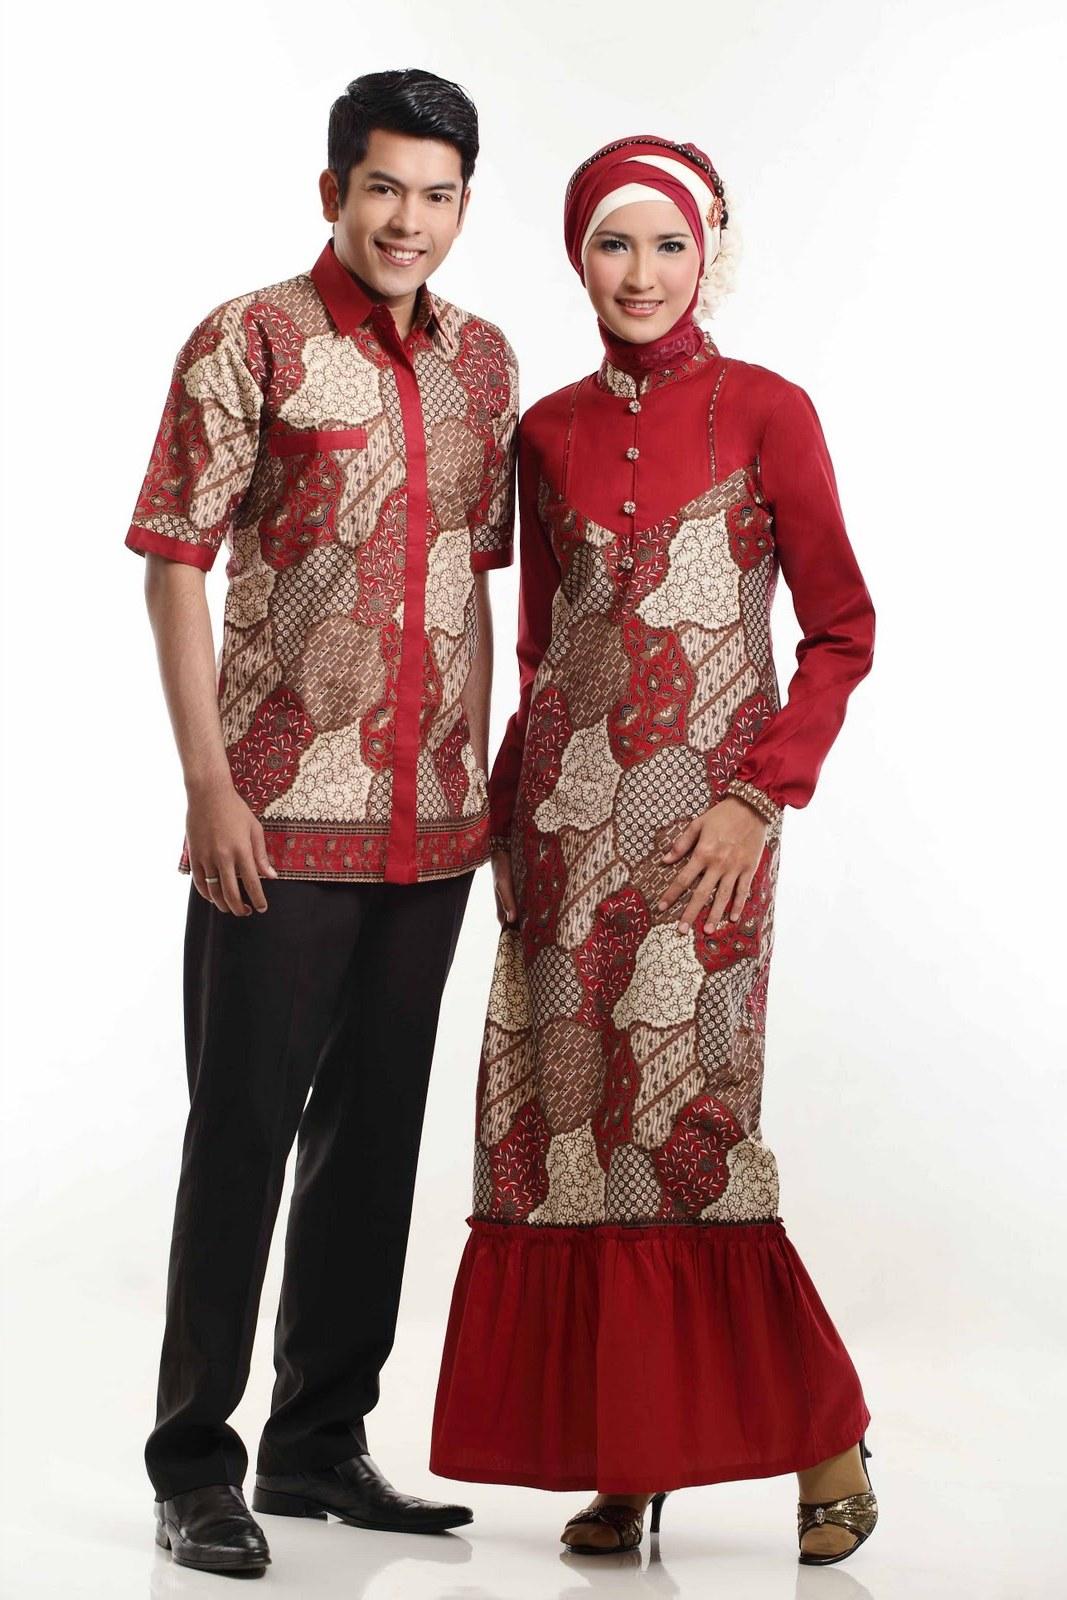 Ide Baju Lebaran Yang Terbaru Ffdn Bintang anda Trend Model Baju Batik Lebaran Terbaru 2013